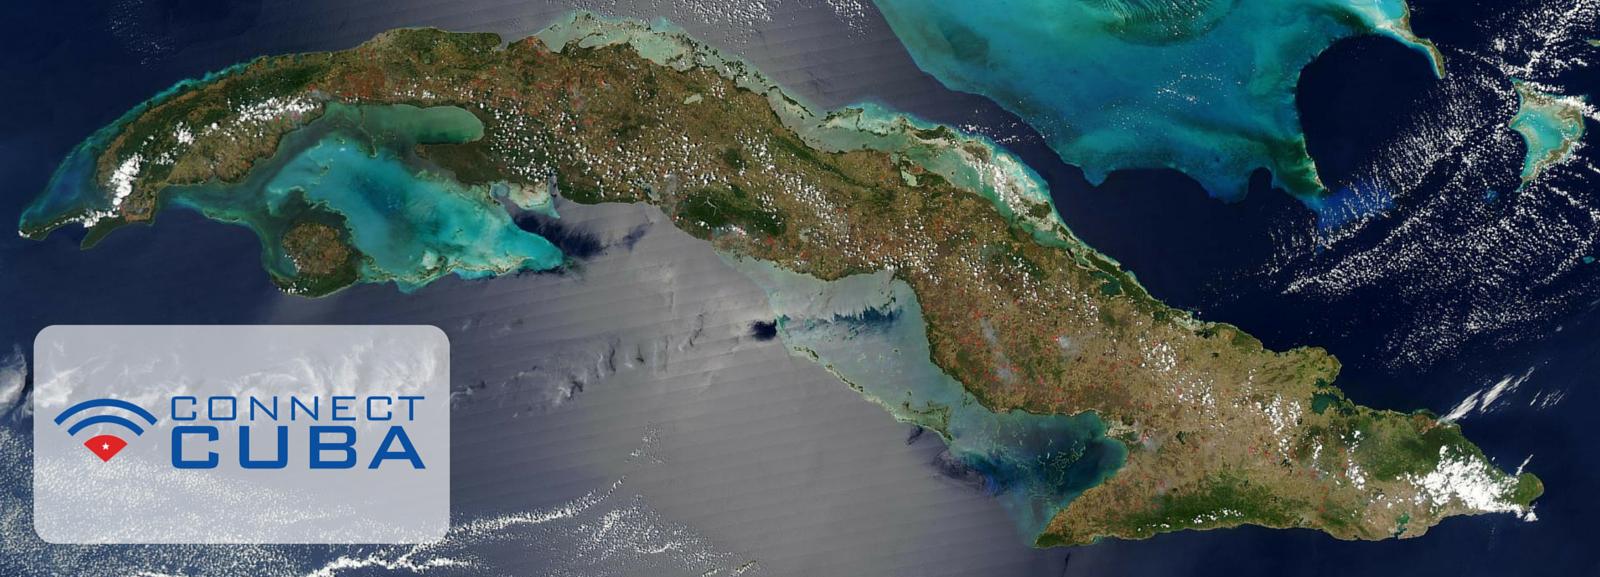 Conecta Cuba